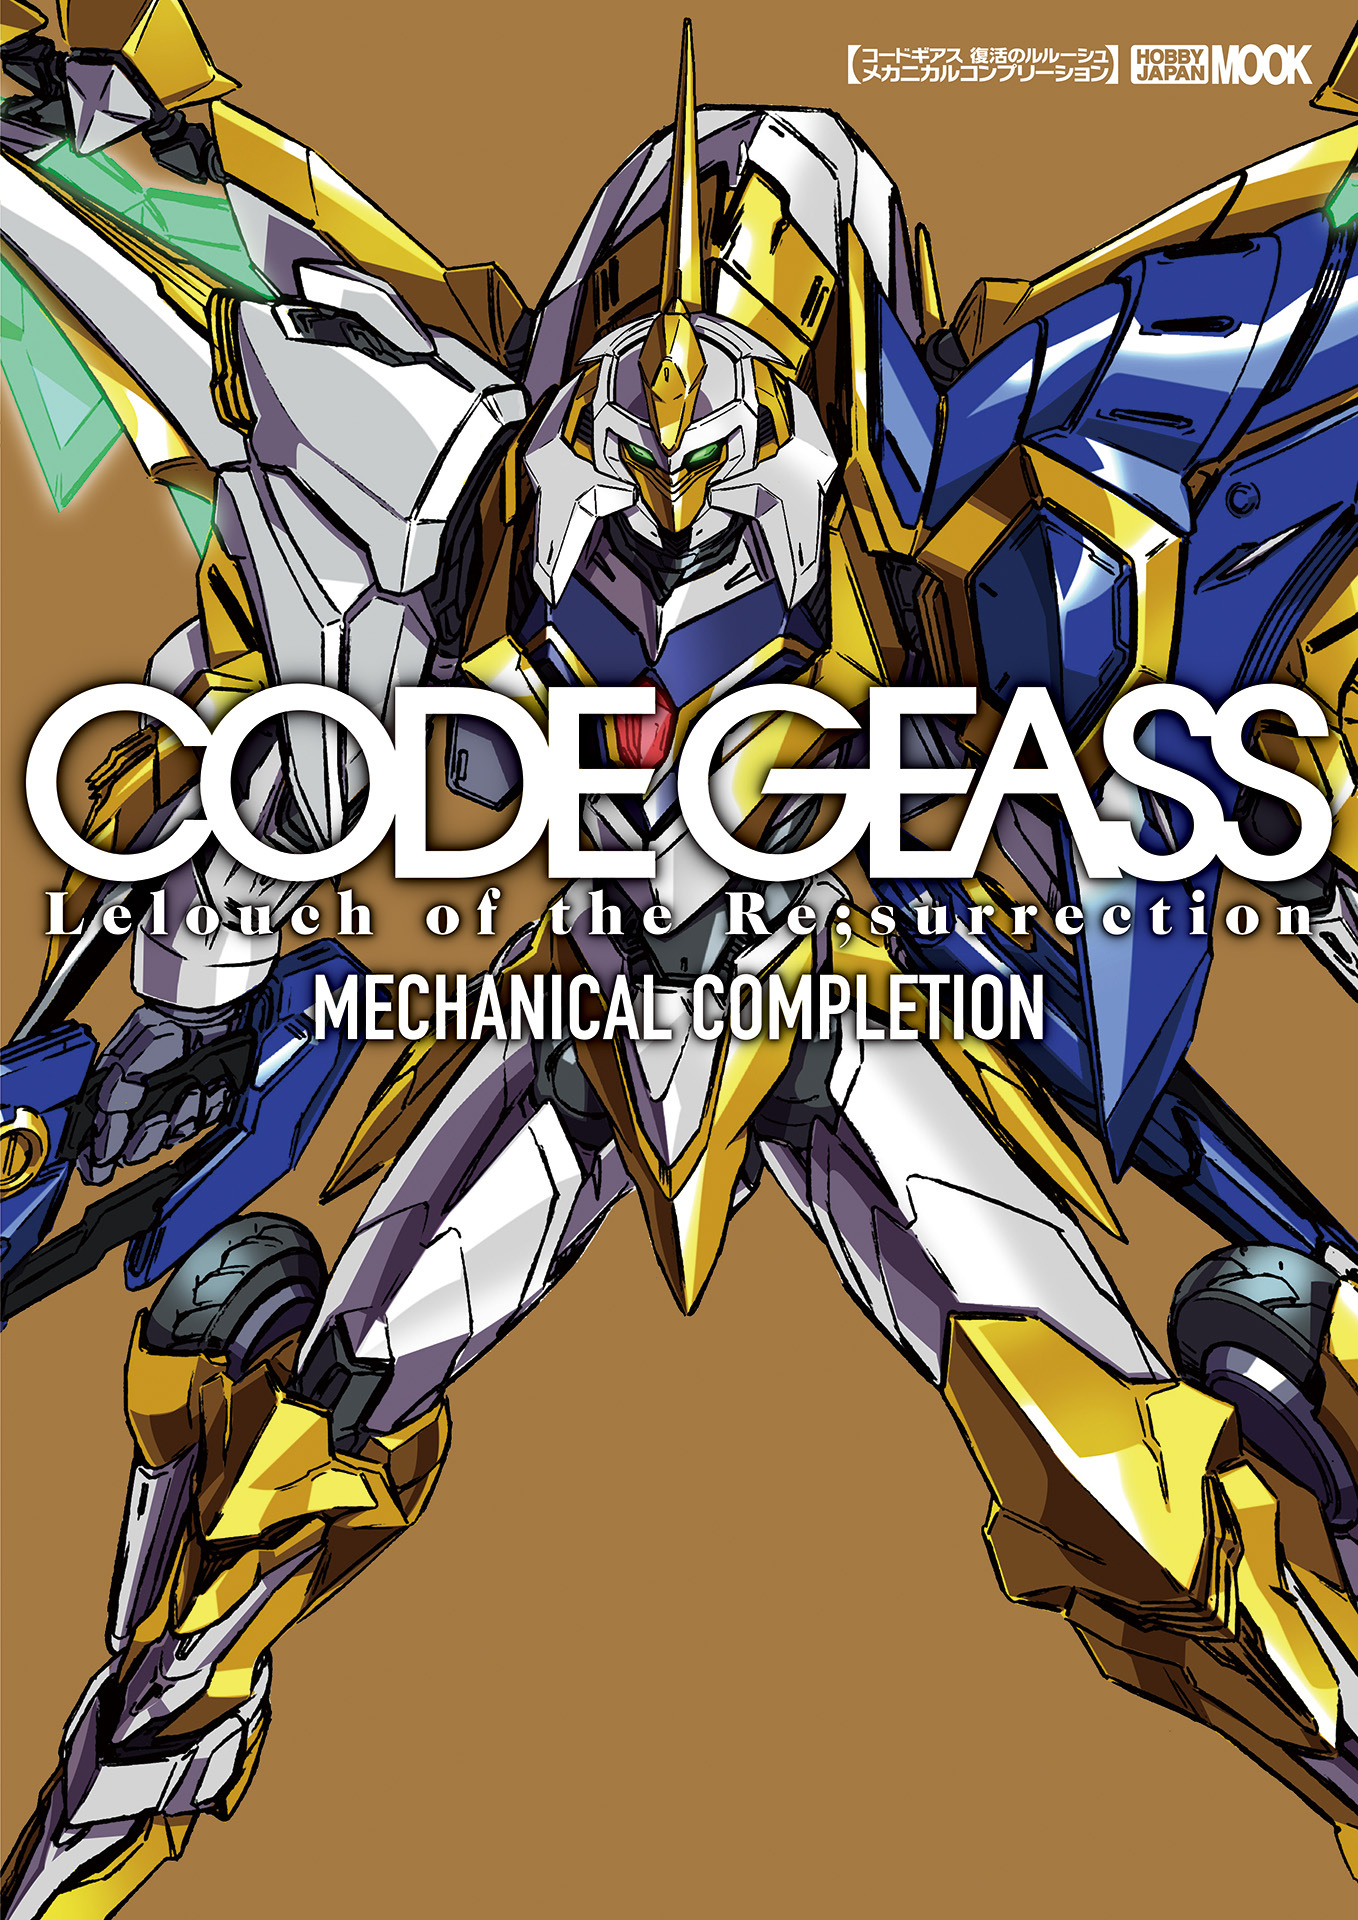 Code Geass 叛逆的鲁路修 复活的鲁路修embed0000_HD